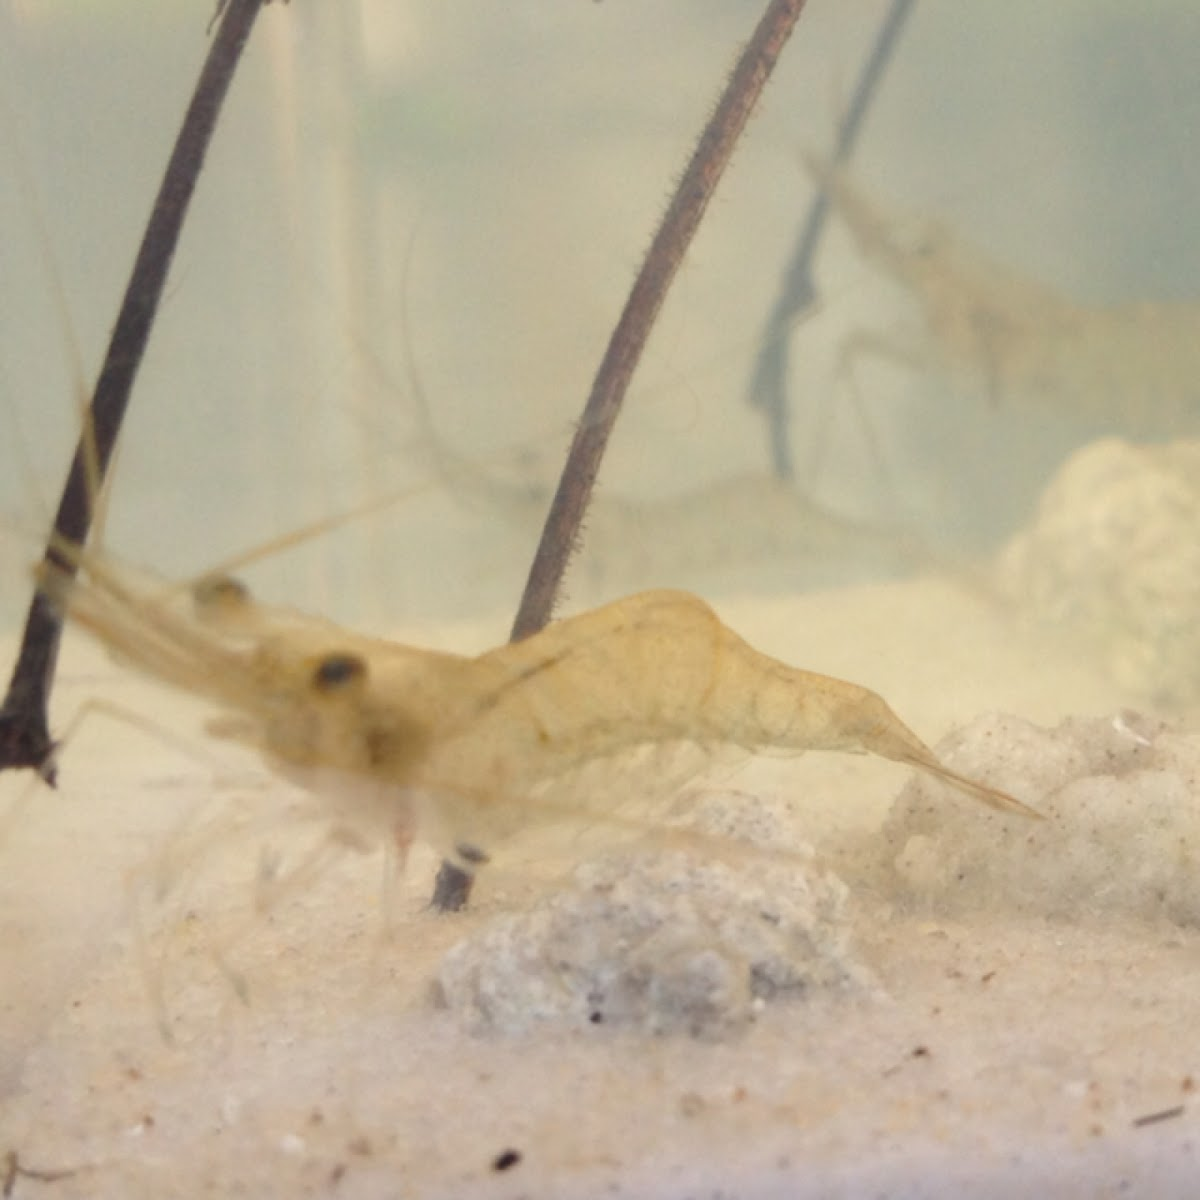 Eastern Grass Shrimp